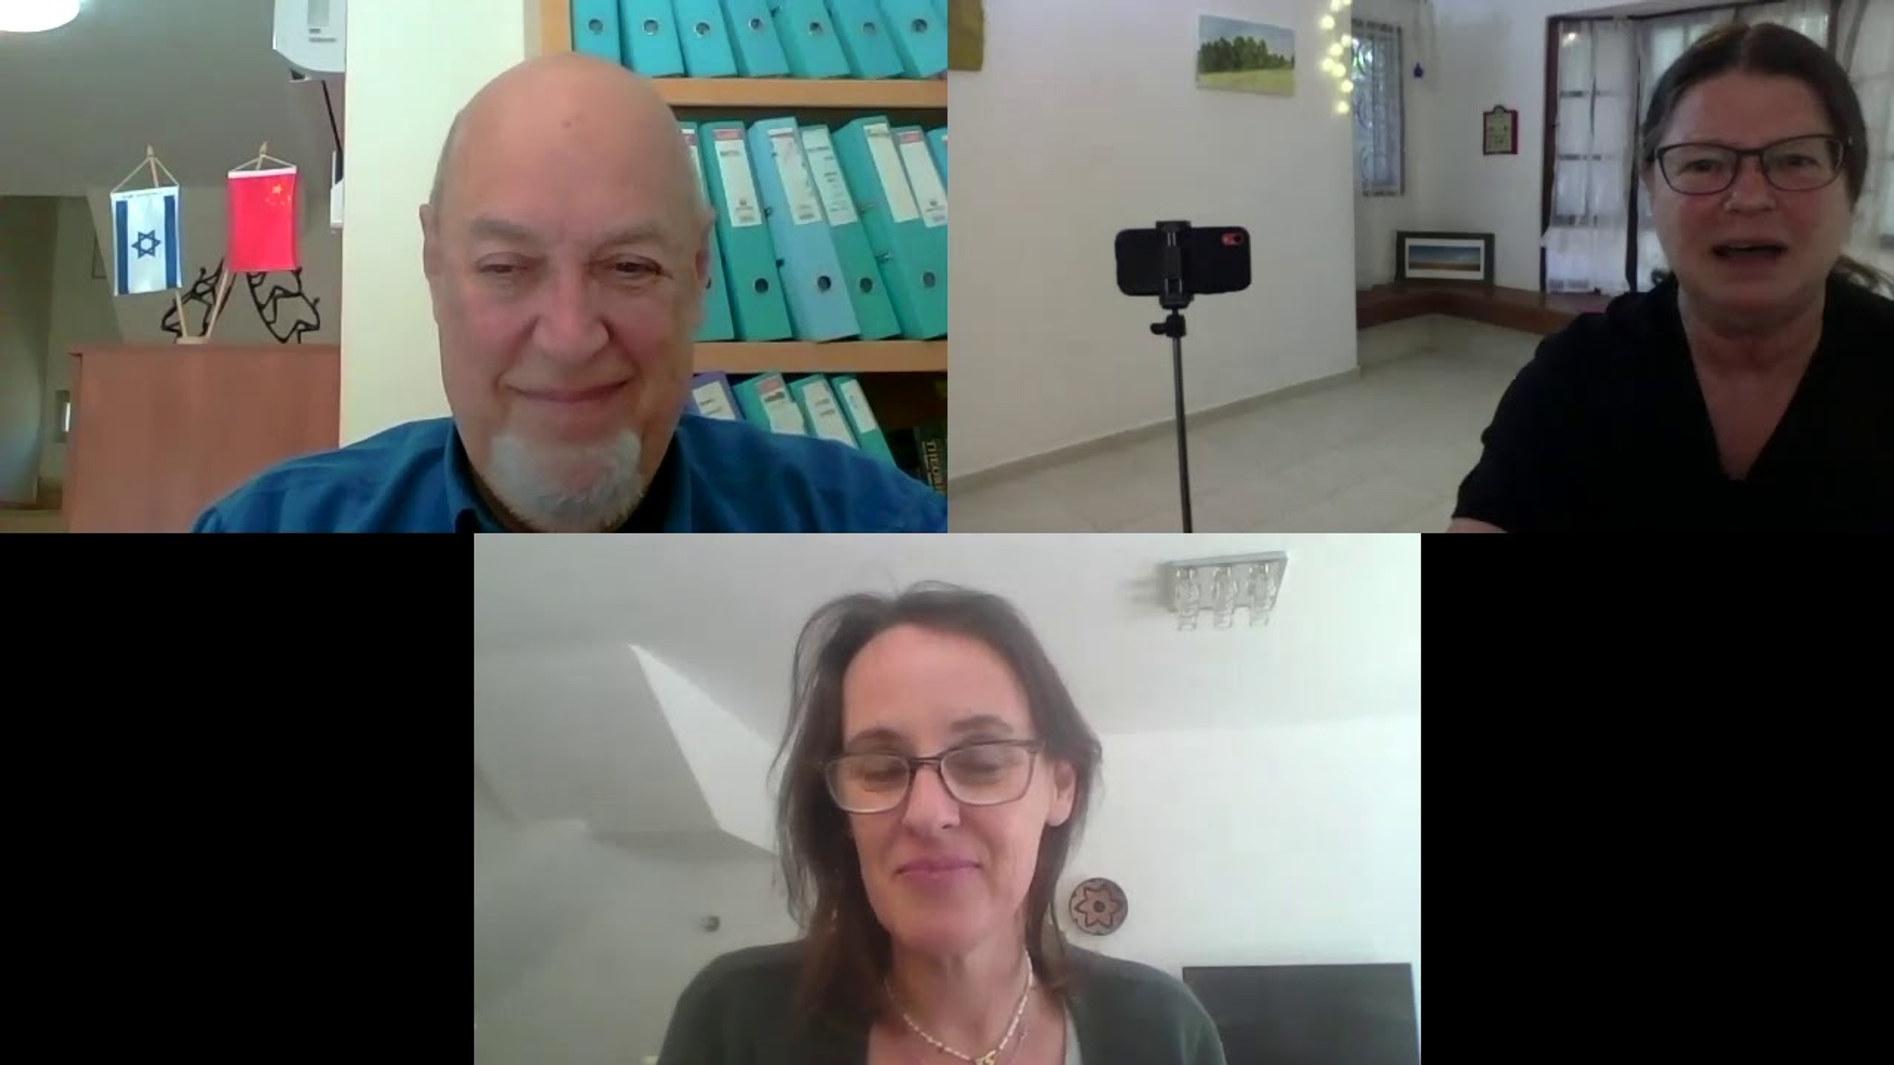 ראיון  לכבוד חנוכת מועדון הגיל החדש עם פרופ' יעקב גינדין, מומחה בגריאטריה ורפואה פנימית